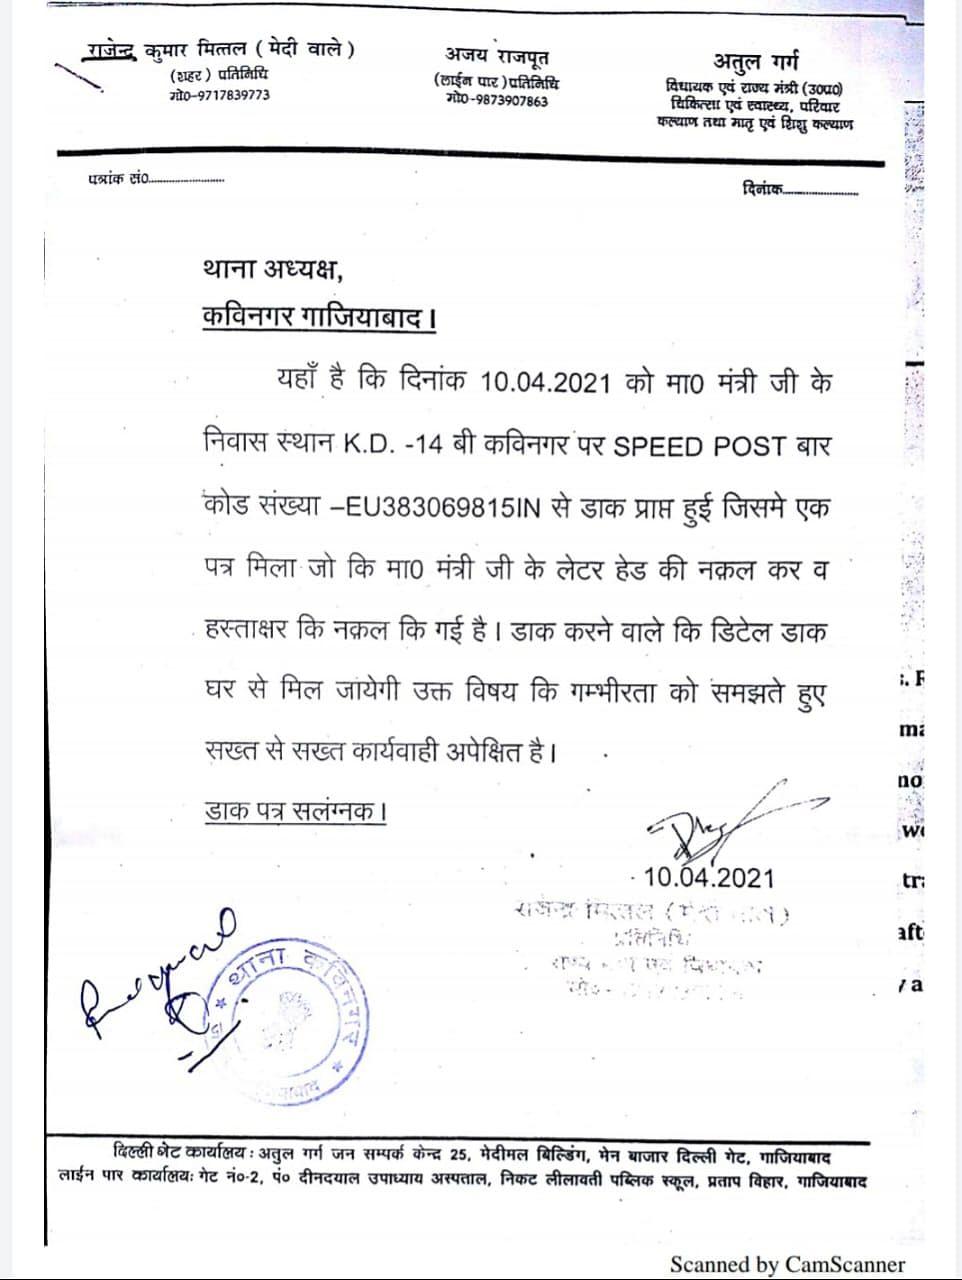 जालसाजों ने राज्यमंत्री अतुल गर्ग के घर पोस्ट किया उनका साइन वाला लैटर हेड, रिपोर्ट दर्ज